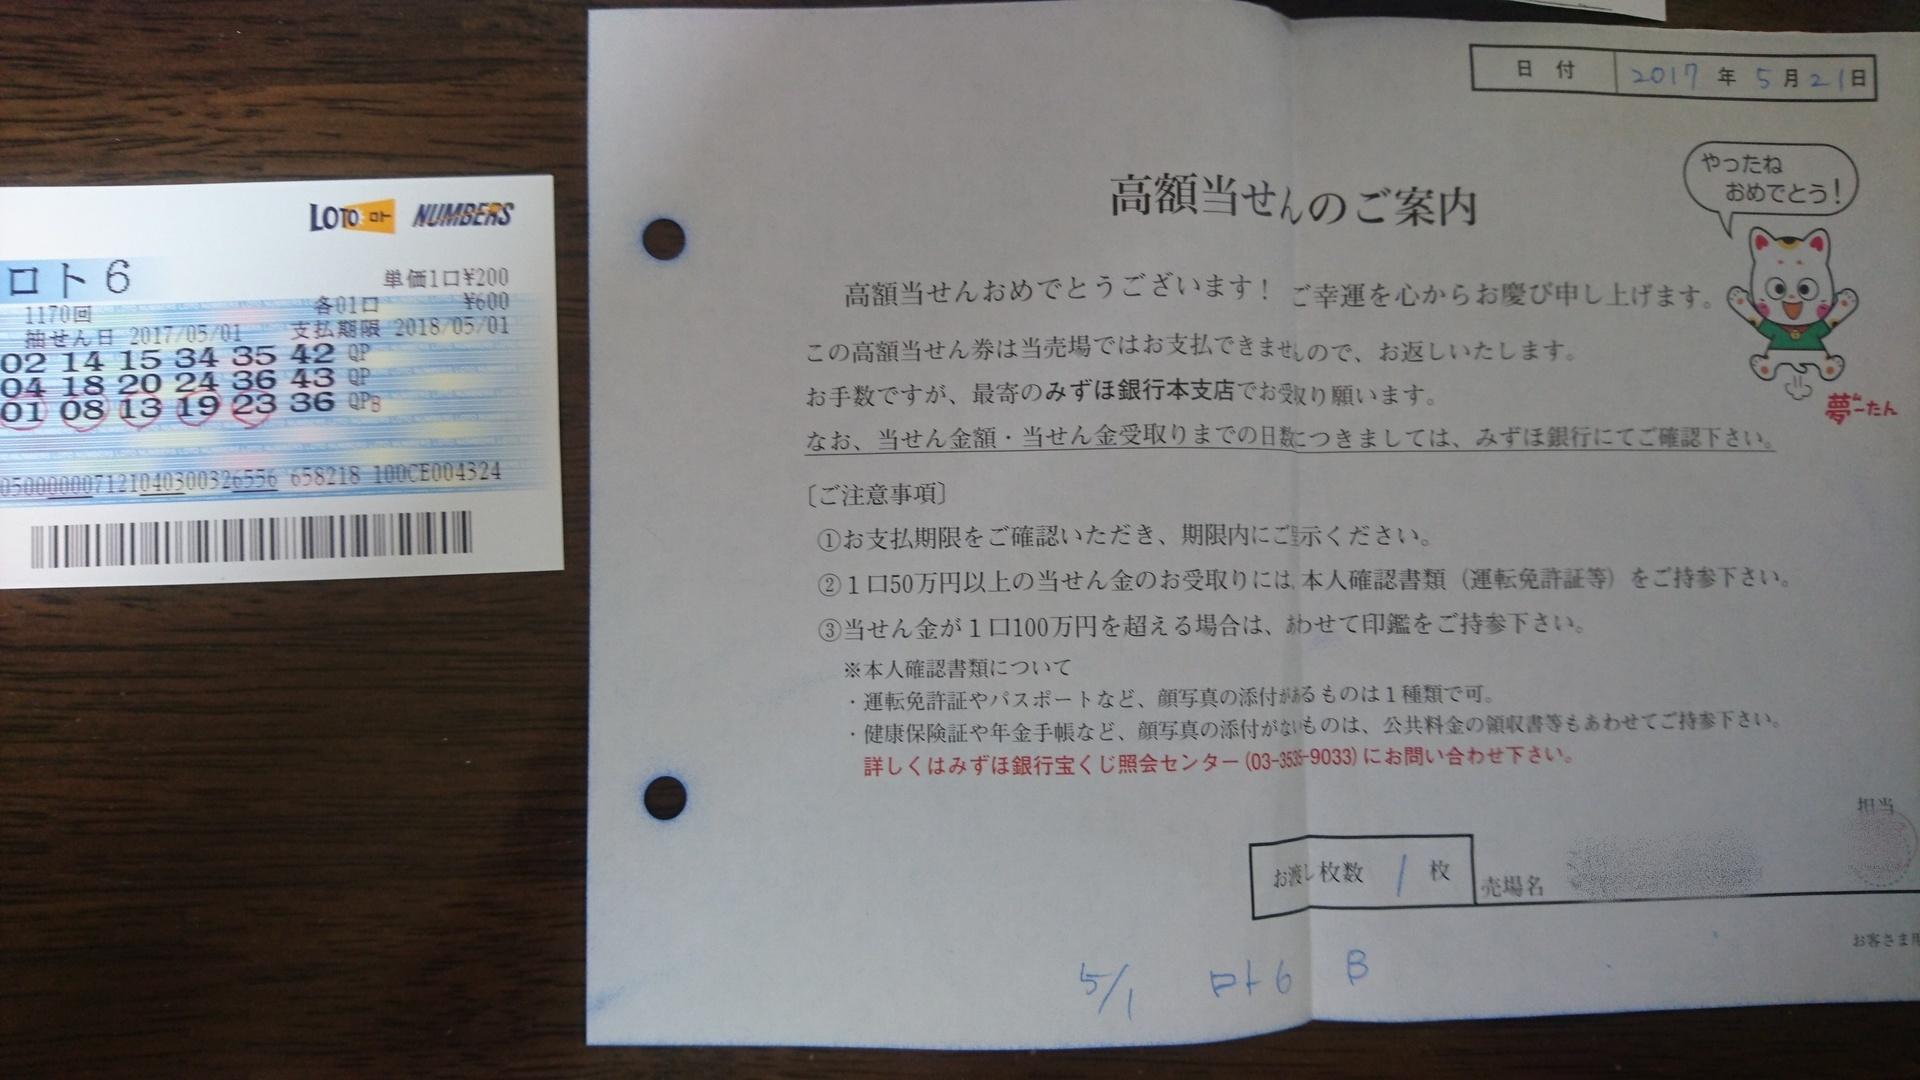 番号 宝くじ ナンバーズ みずほ 銀行 当選